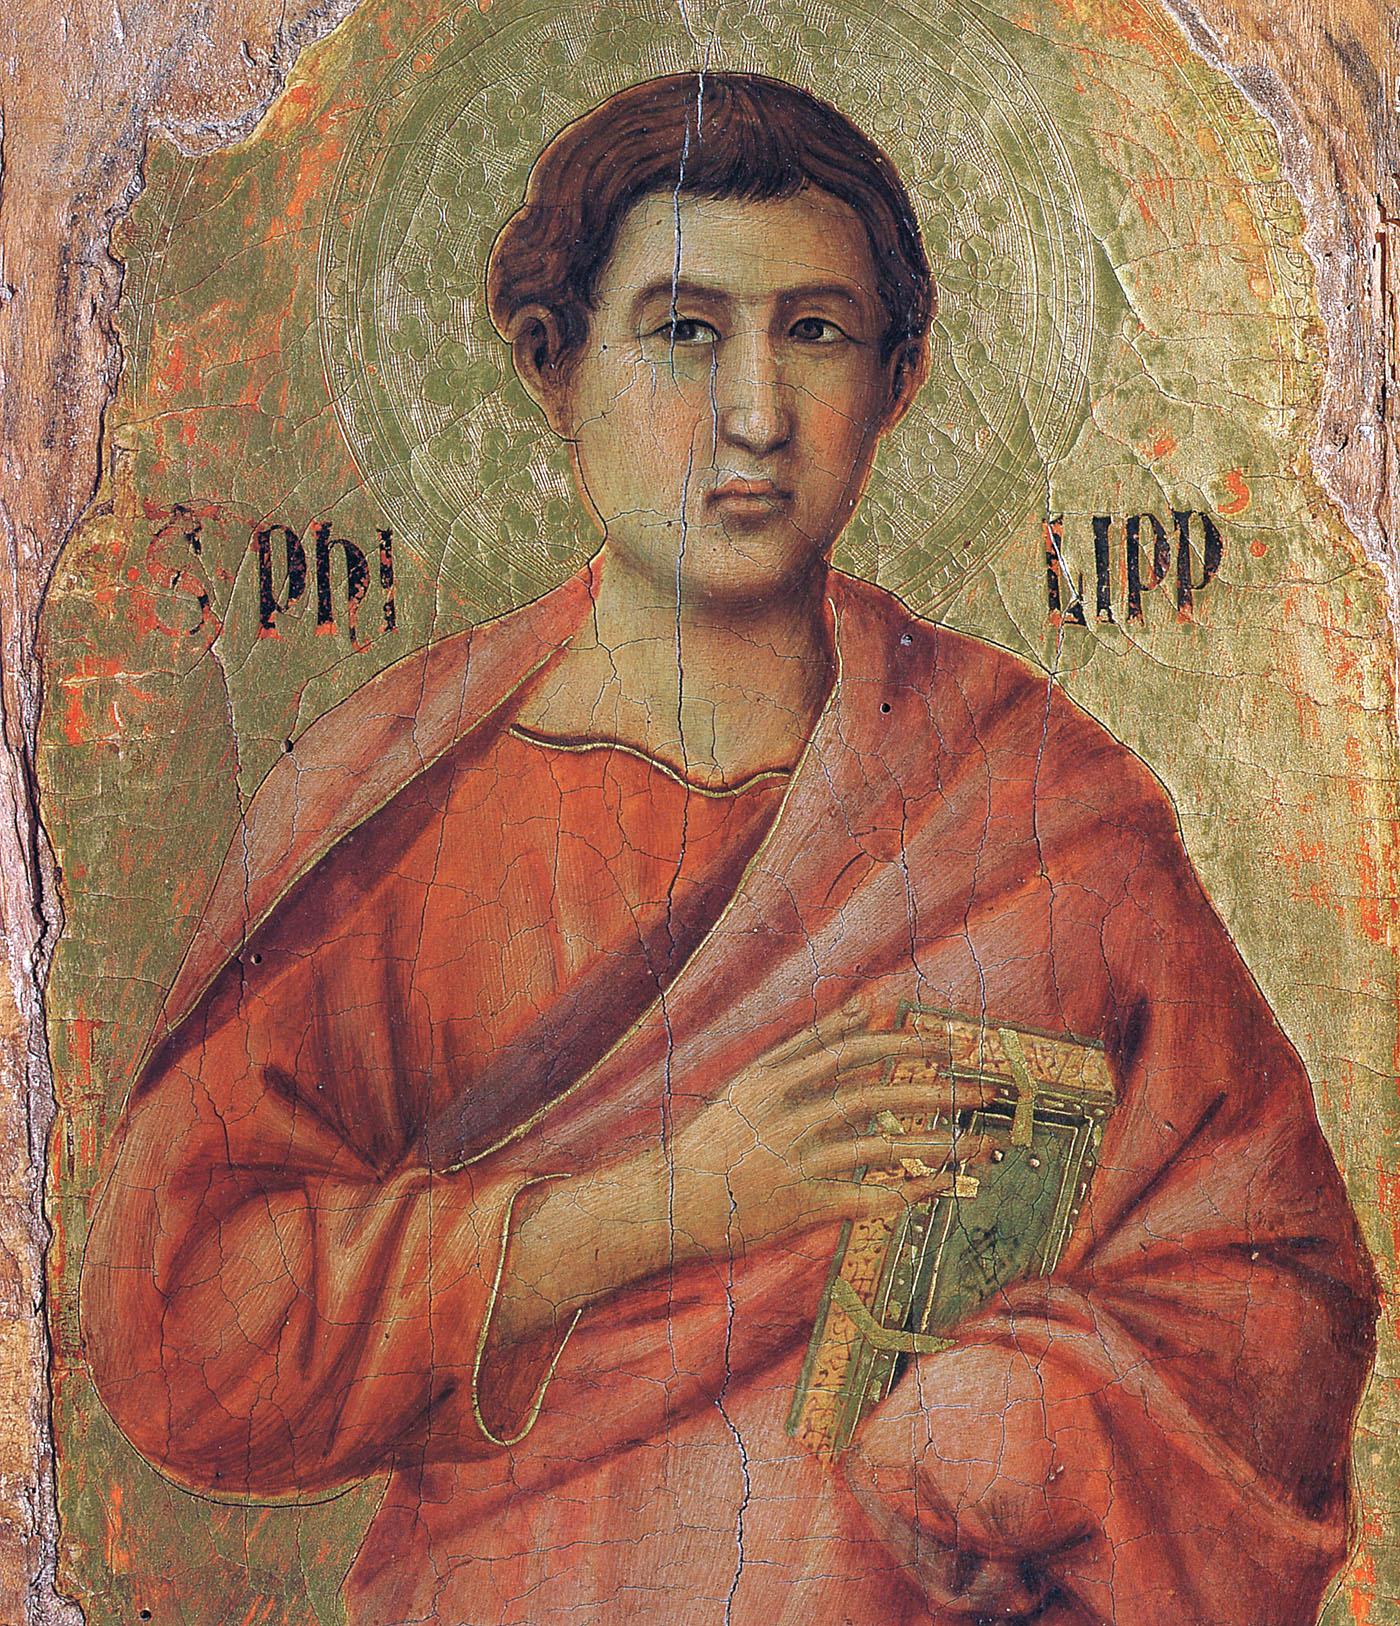 Какой сегодня праздник: 22 января 2020 года отмечается церковный праздник Филиппов день в России